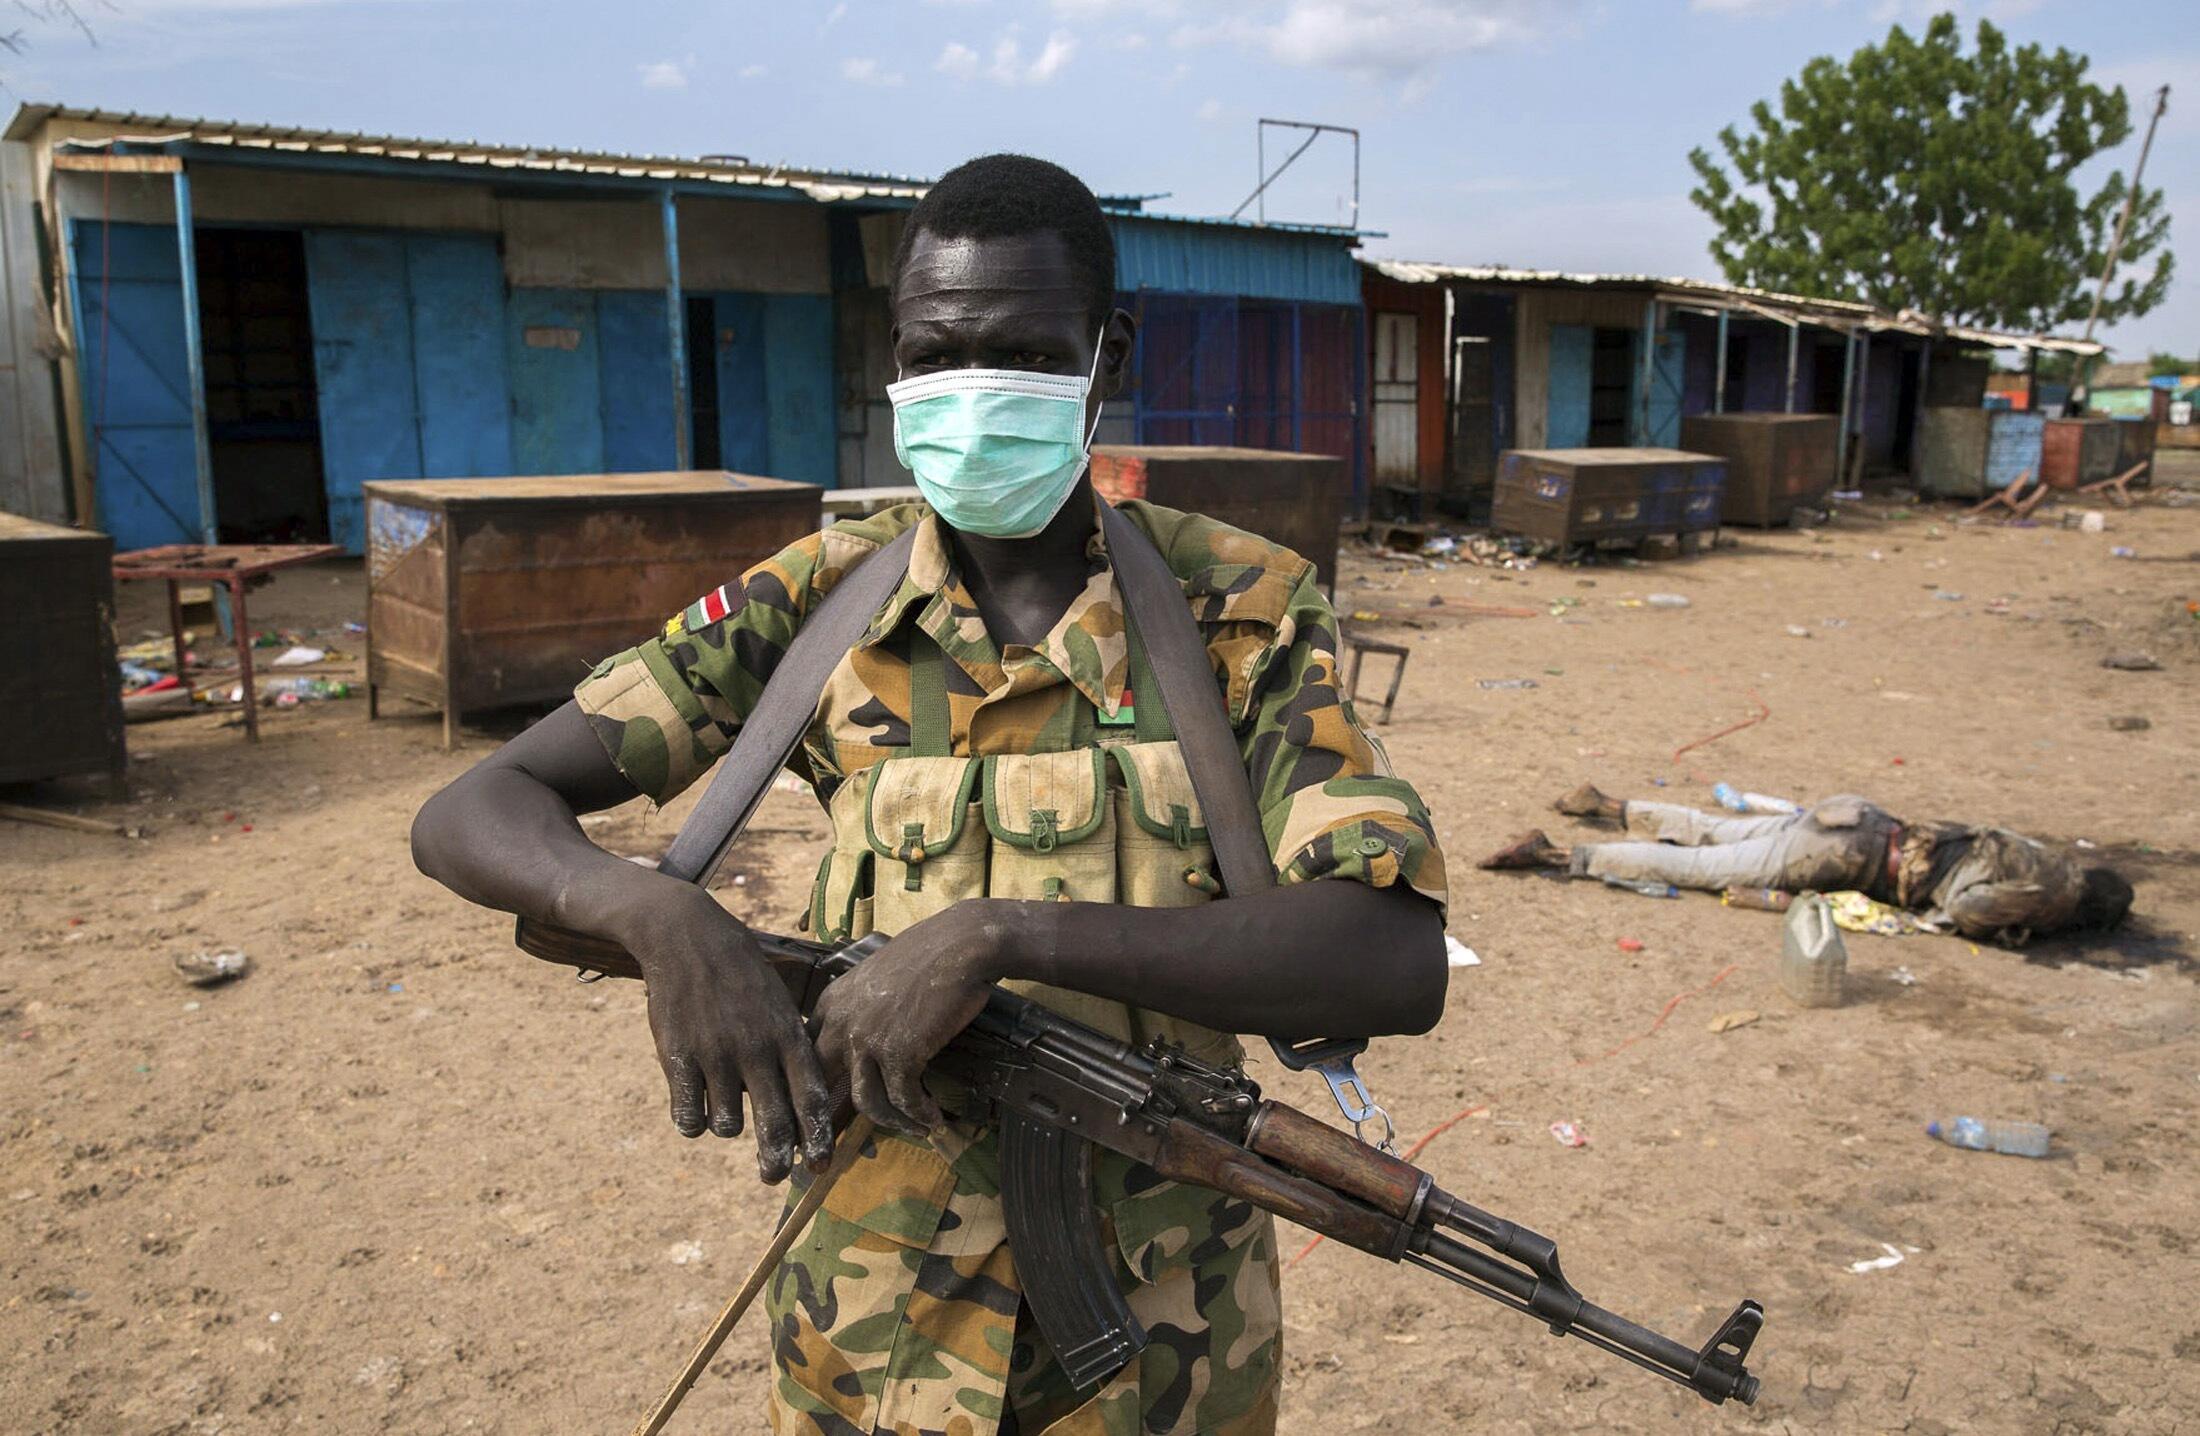 Mpiganaji wa kundi la waasi linaloongozwa na Riek Machar, katika mji wa Bentiu, Sudani Kusini.